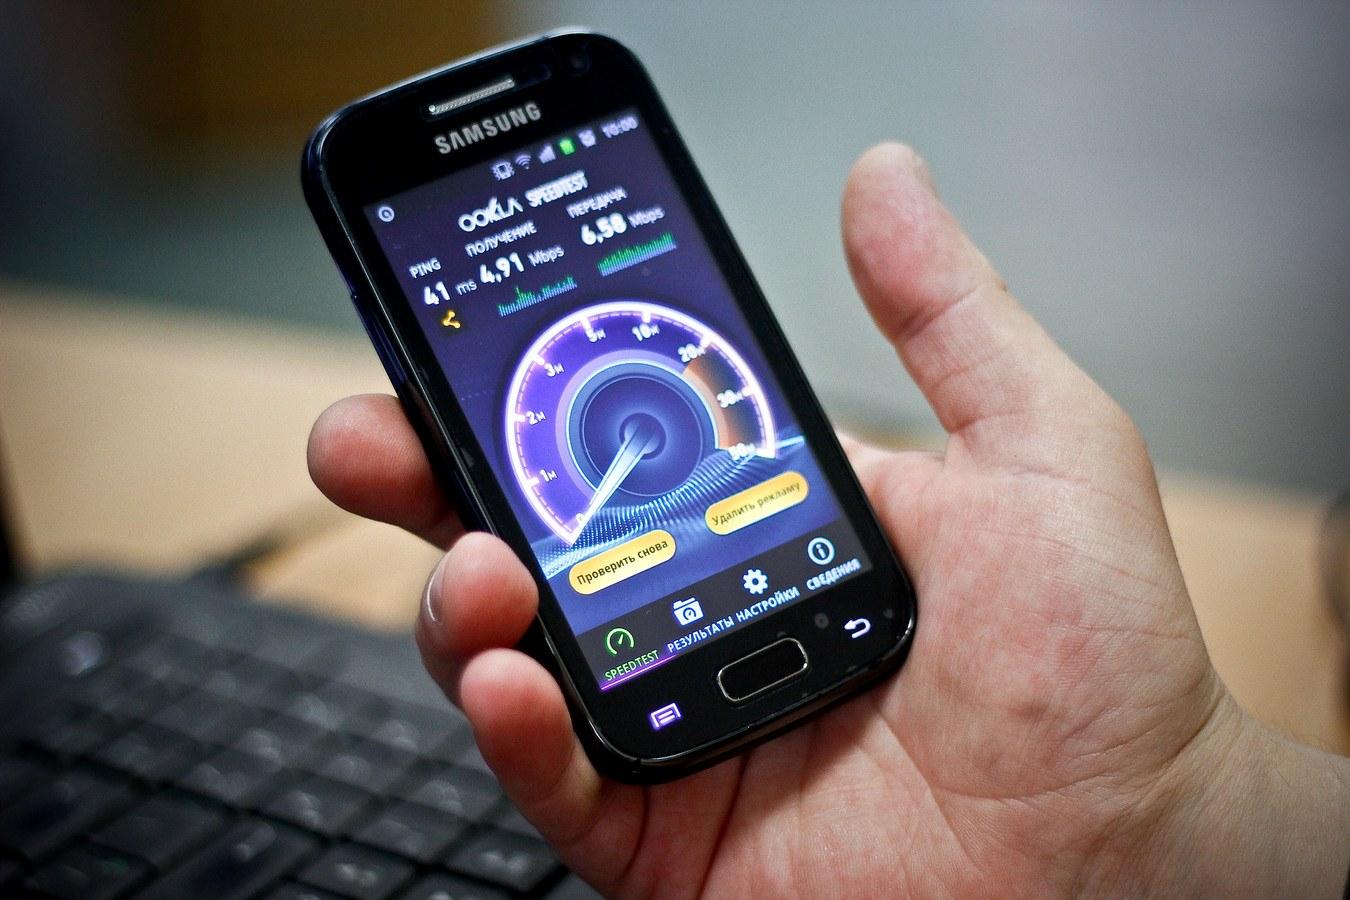 проверка скорости интернет соединения на мобильнике